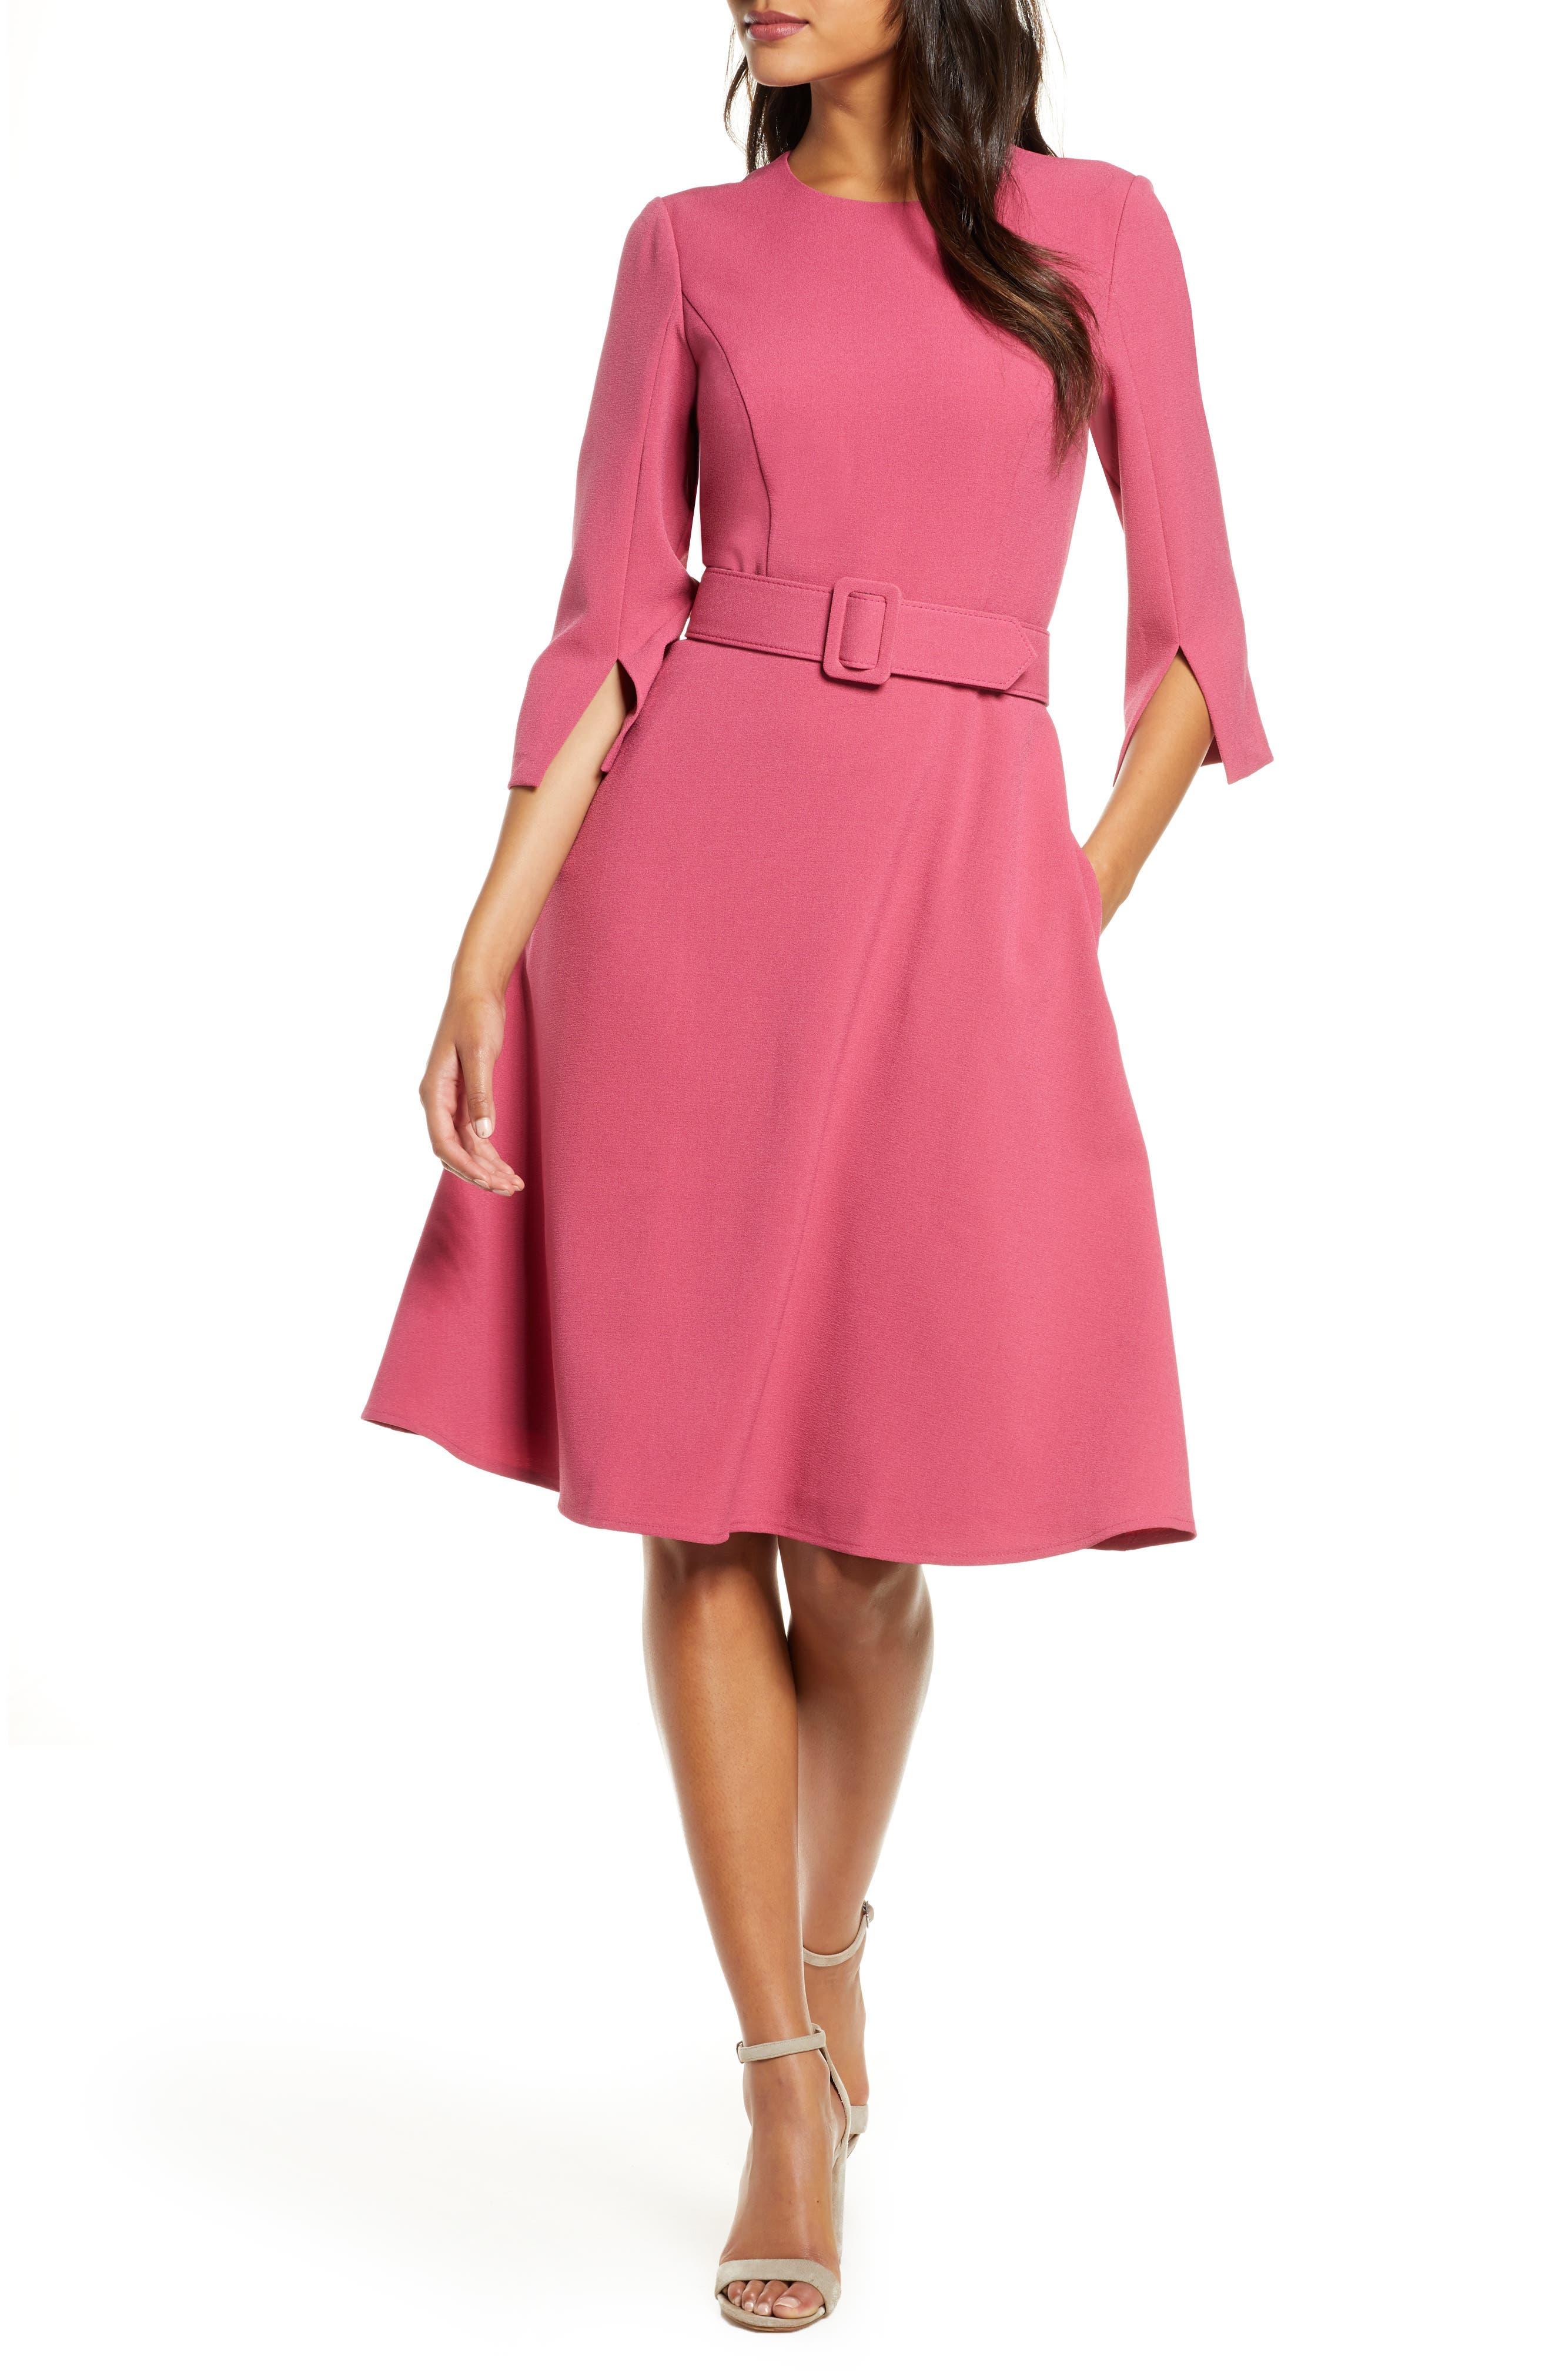 Vintage Evening Dresses and Formal Evening Gowns Womens Harper Rose Belted Fit  Flare Dress $148.00 AT vintagedancer.com